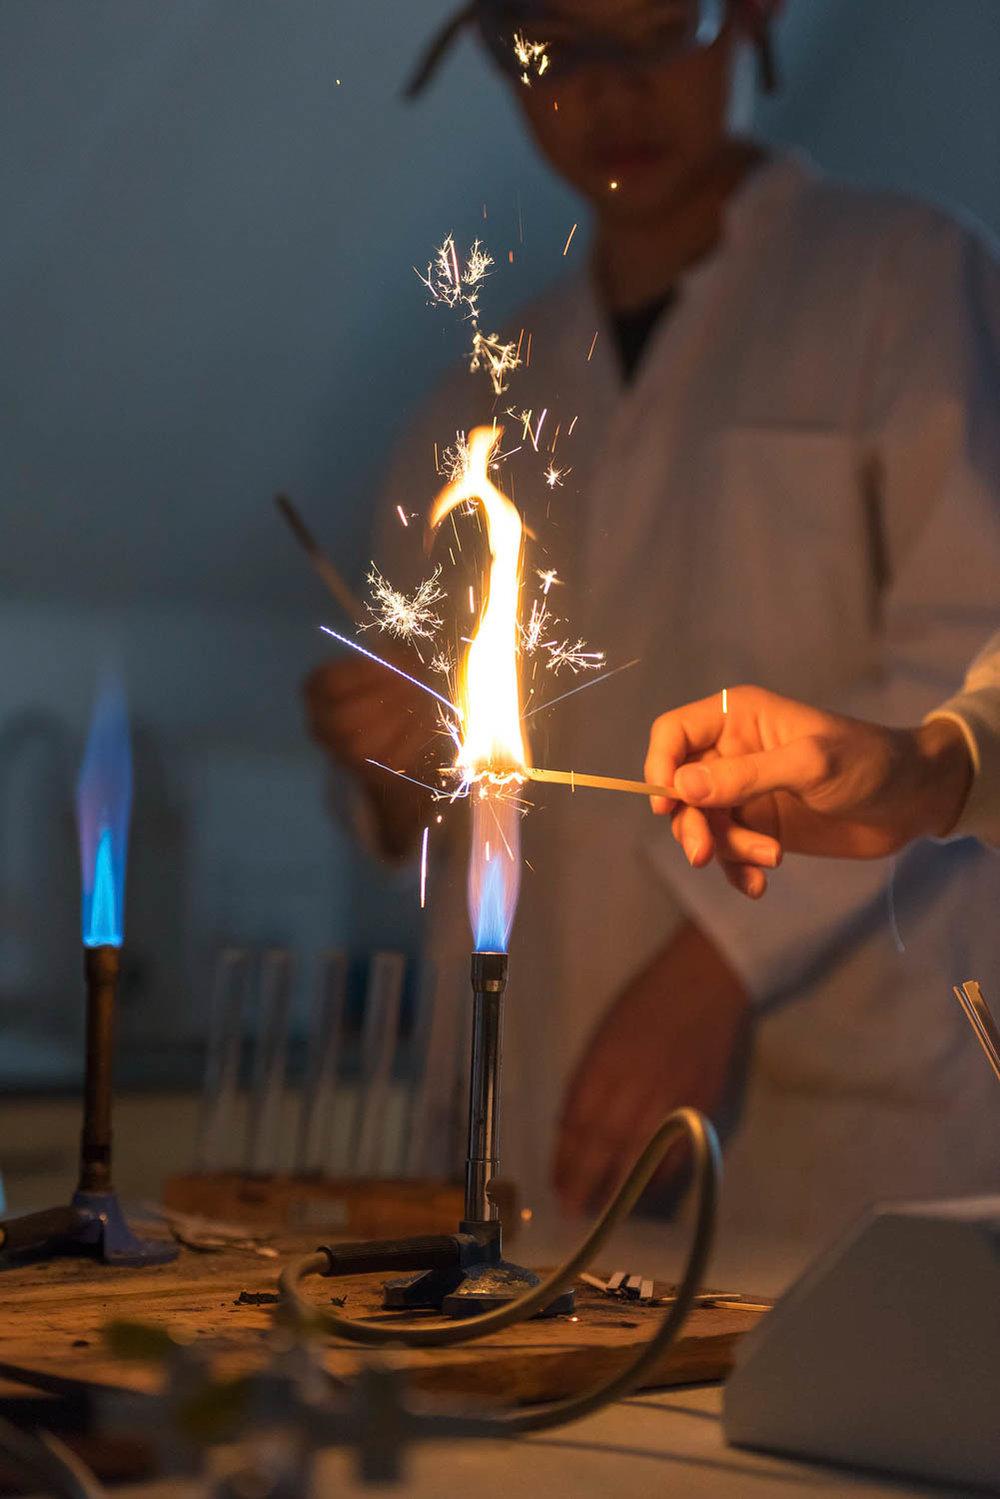 Bunsen burner and sparks